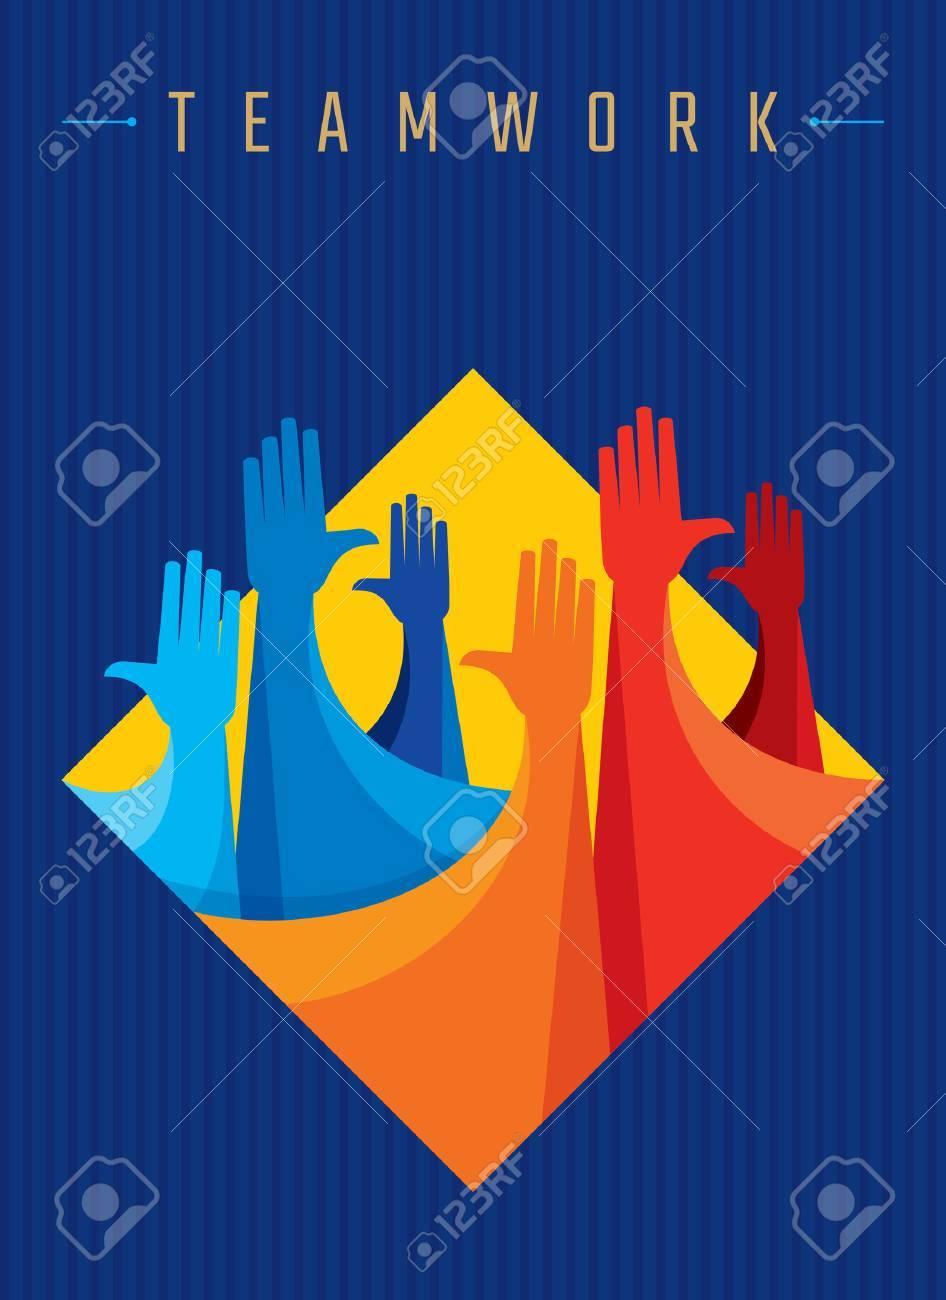 Teamwork People, Holding hands. Design for teamwork concept illustration - 62247495